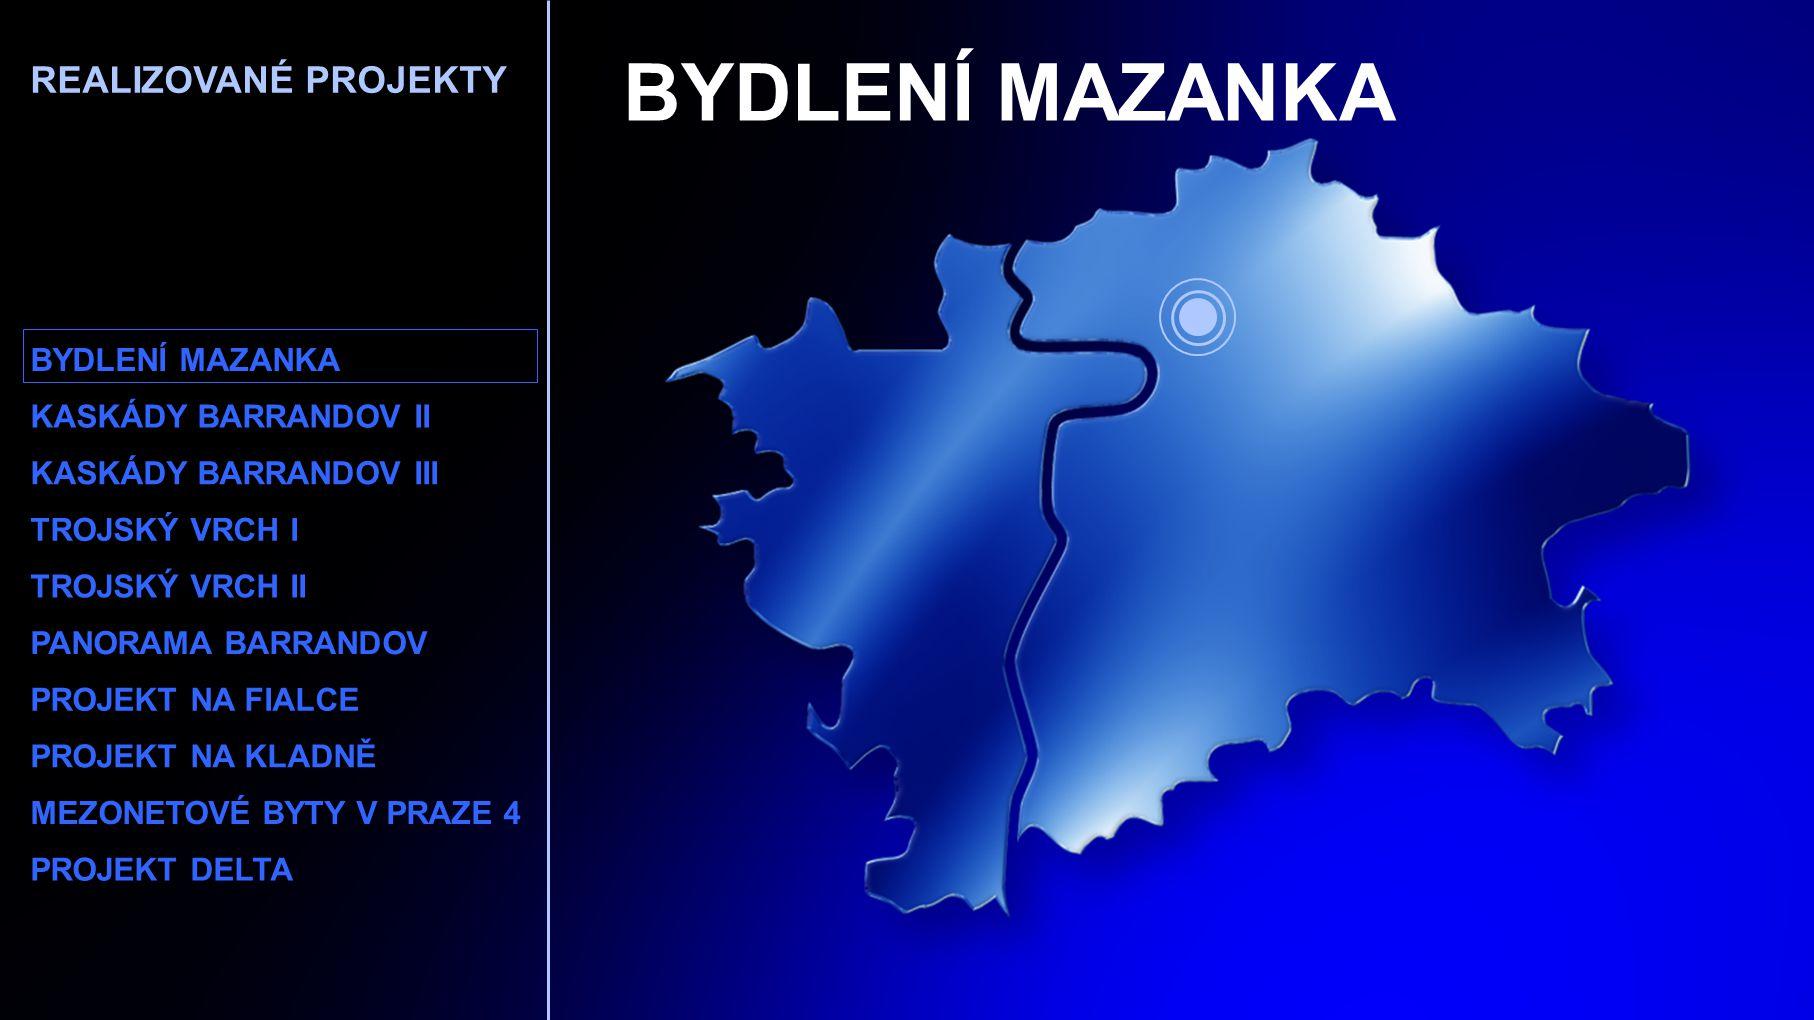 BYDLENÍ MAZANKA REALIZOVANÉ PROJEKTY BYDLENÍ MAZANKA